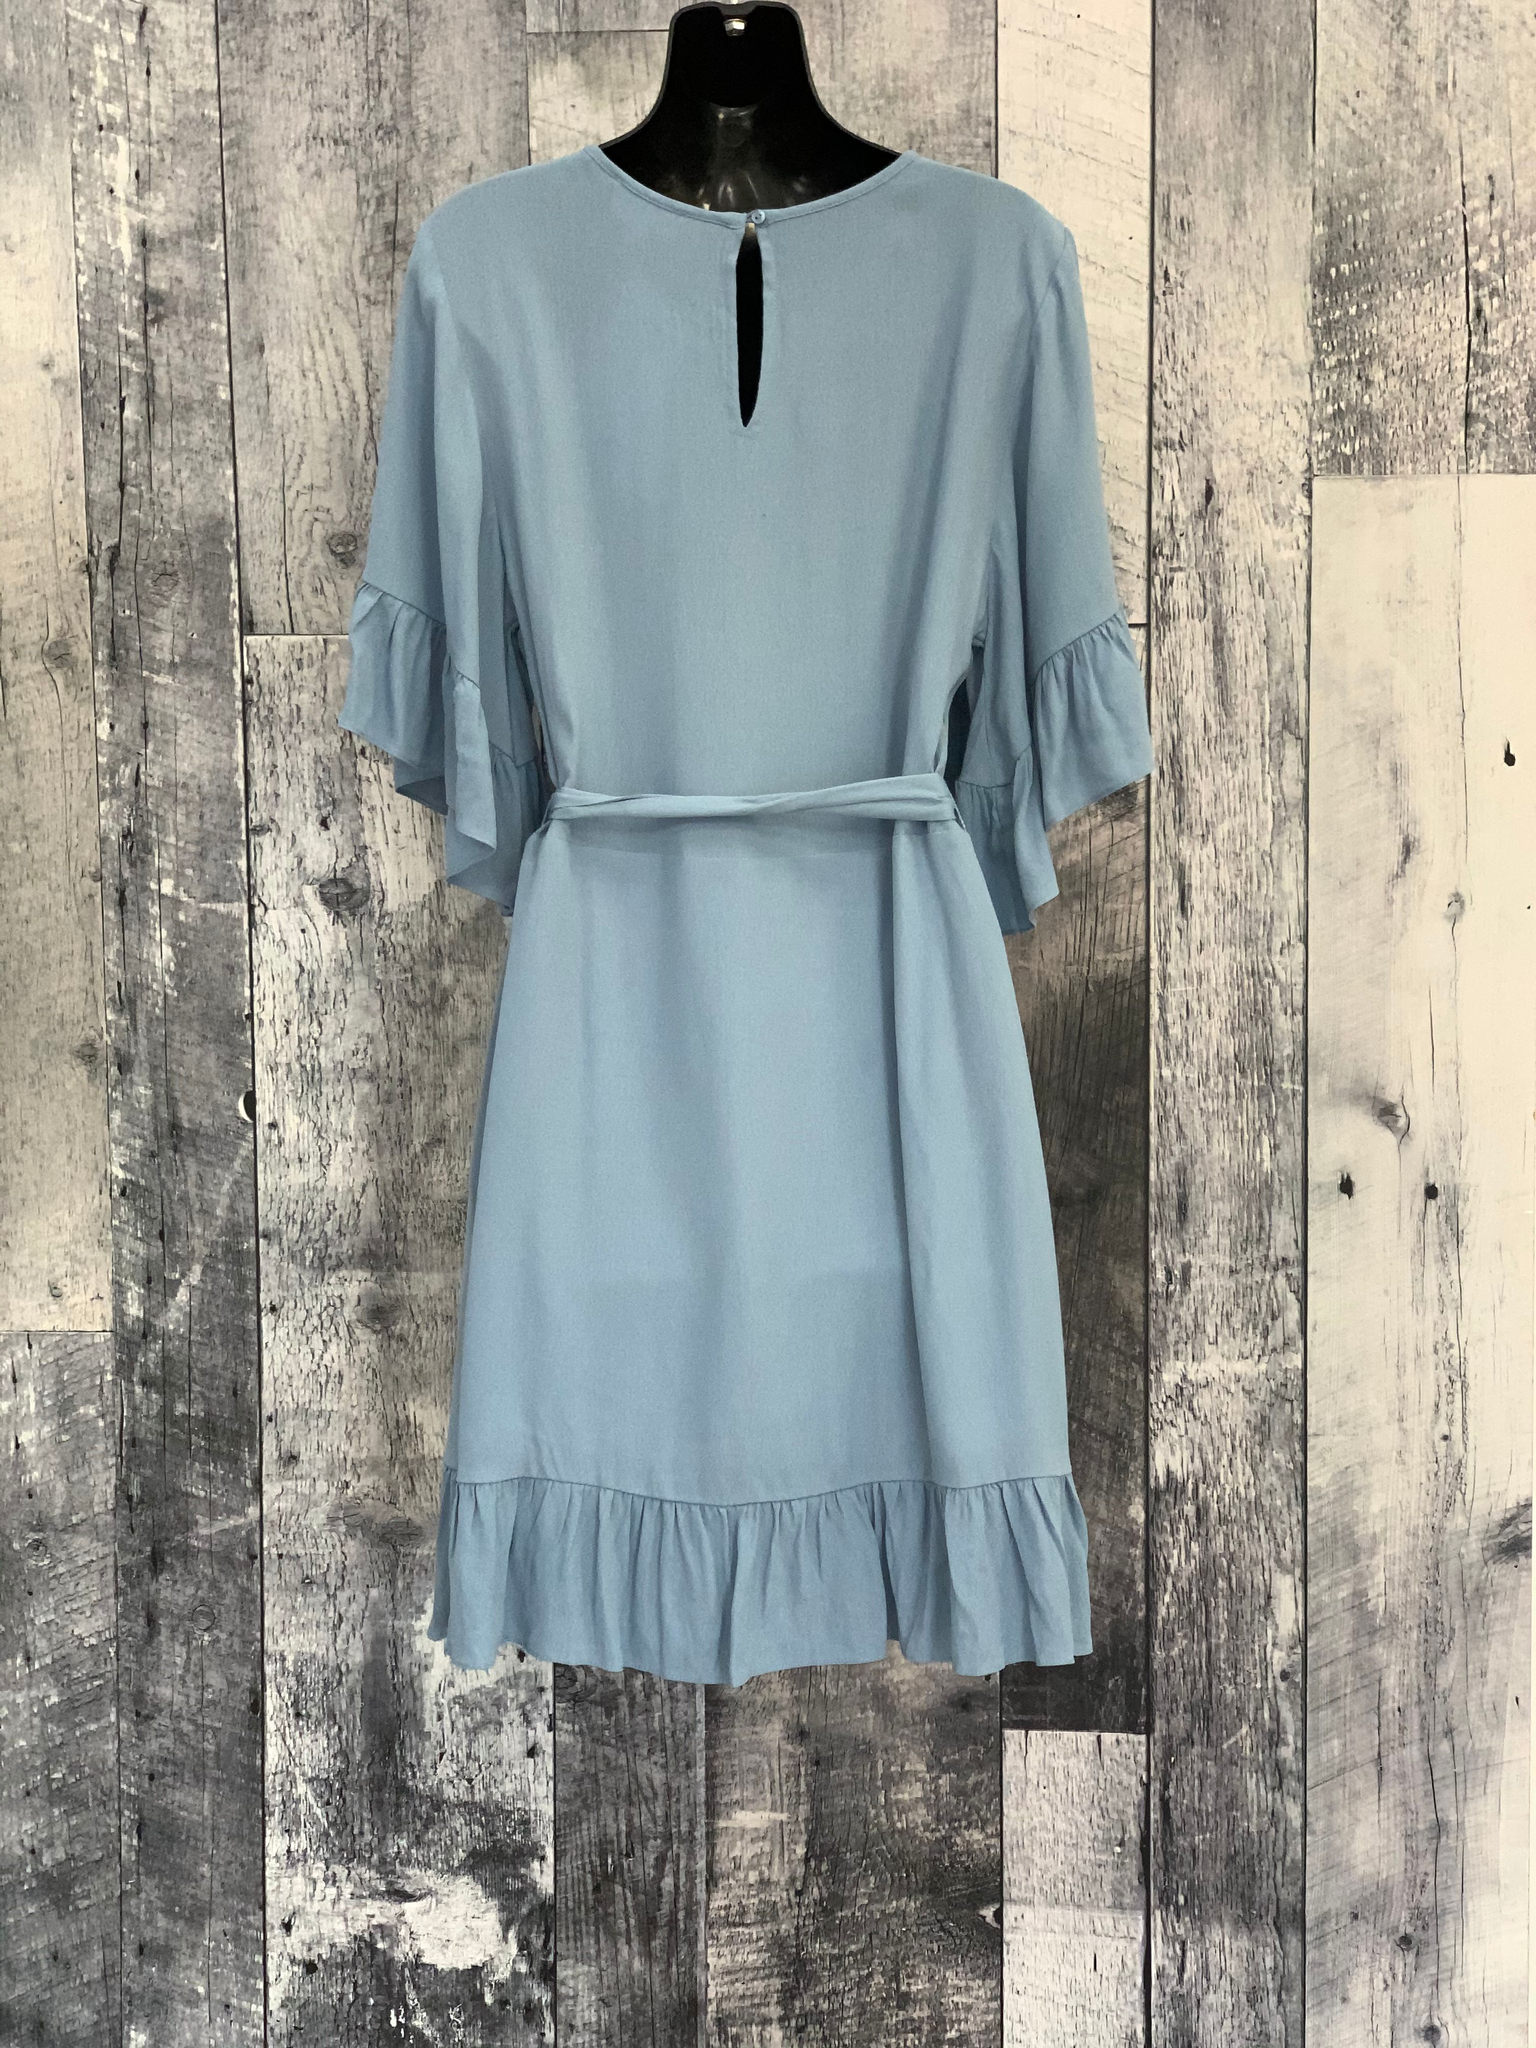 eyelet ruffle sleeve dress